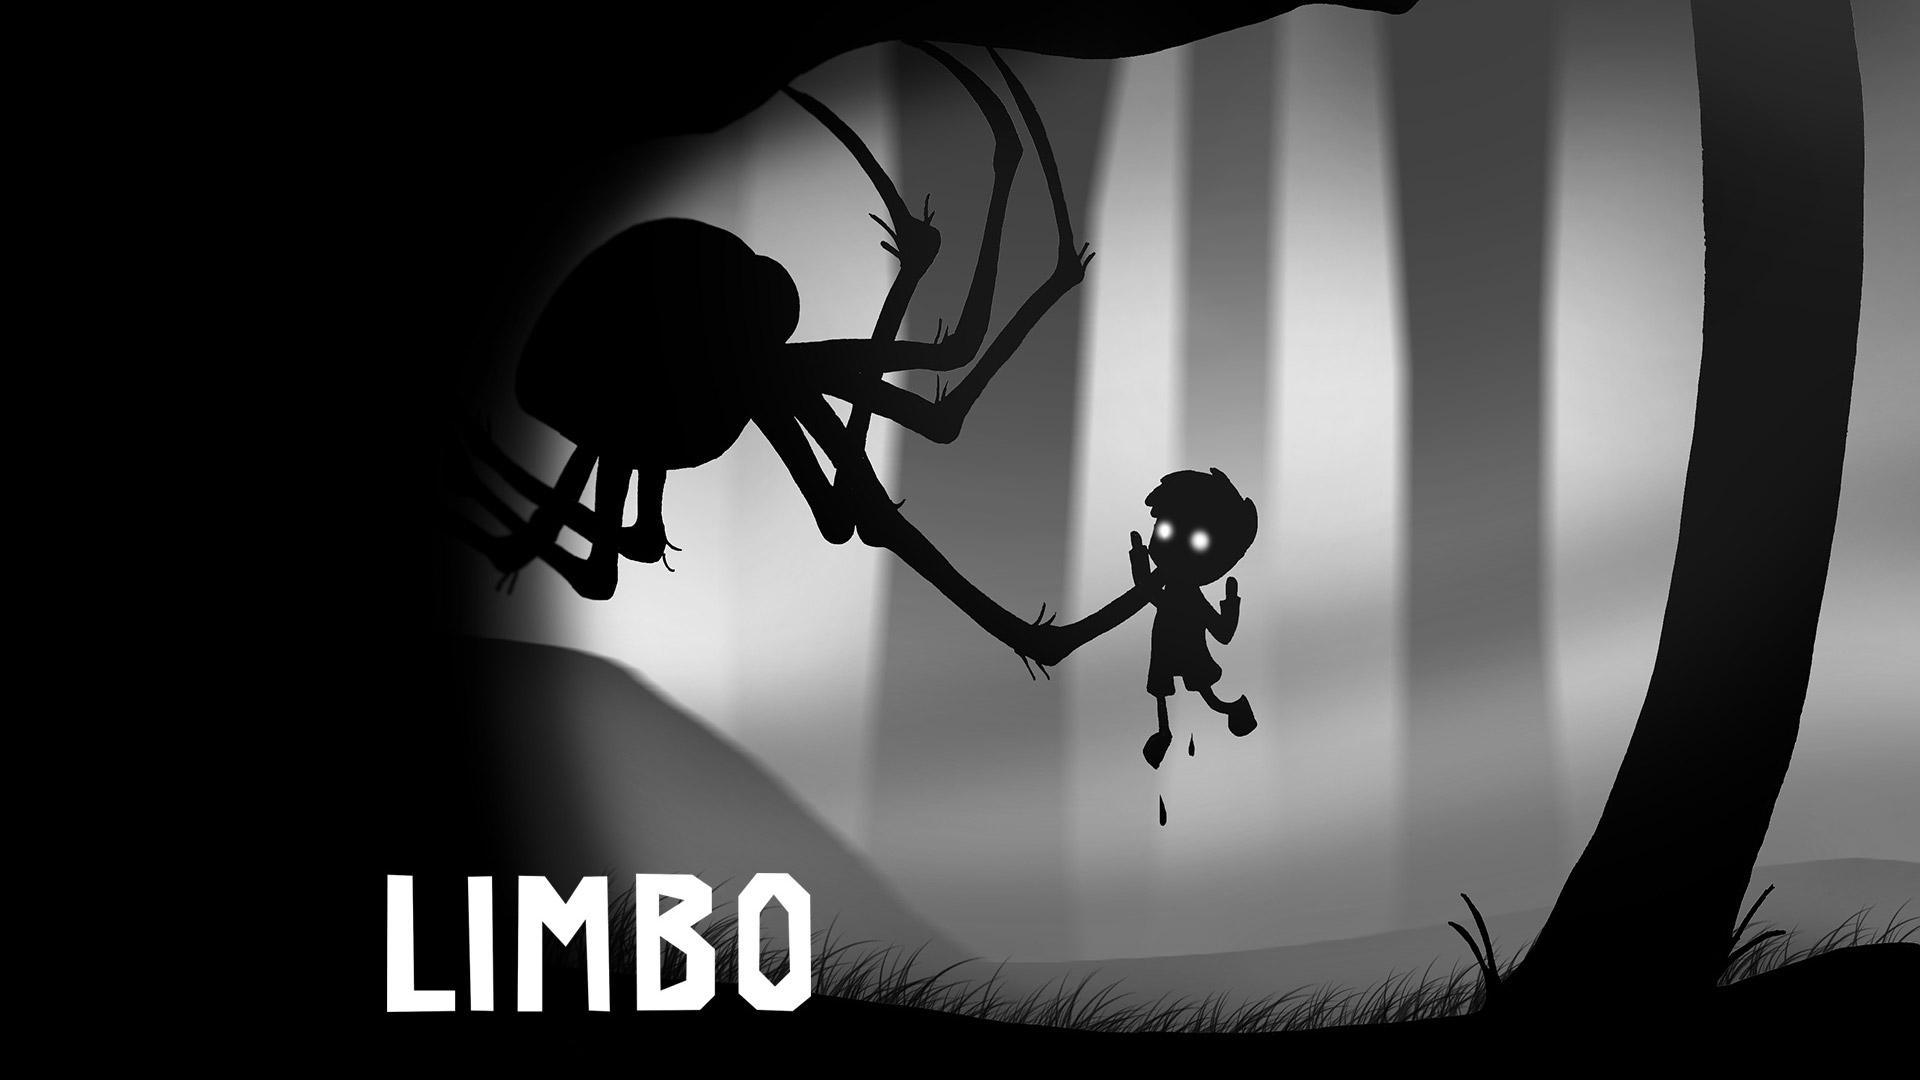 Limbo araignée